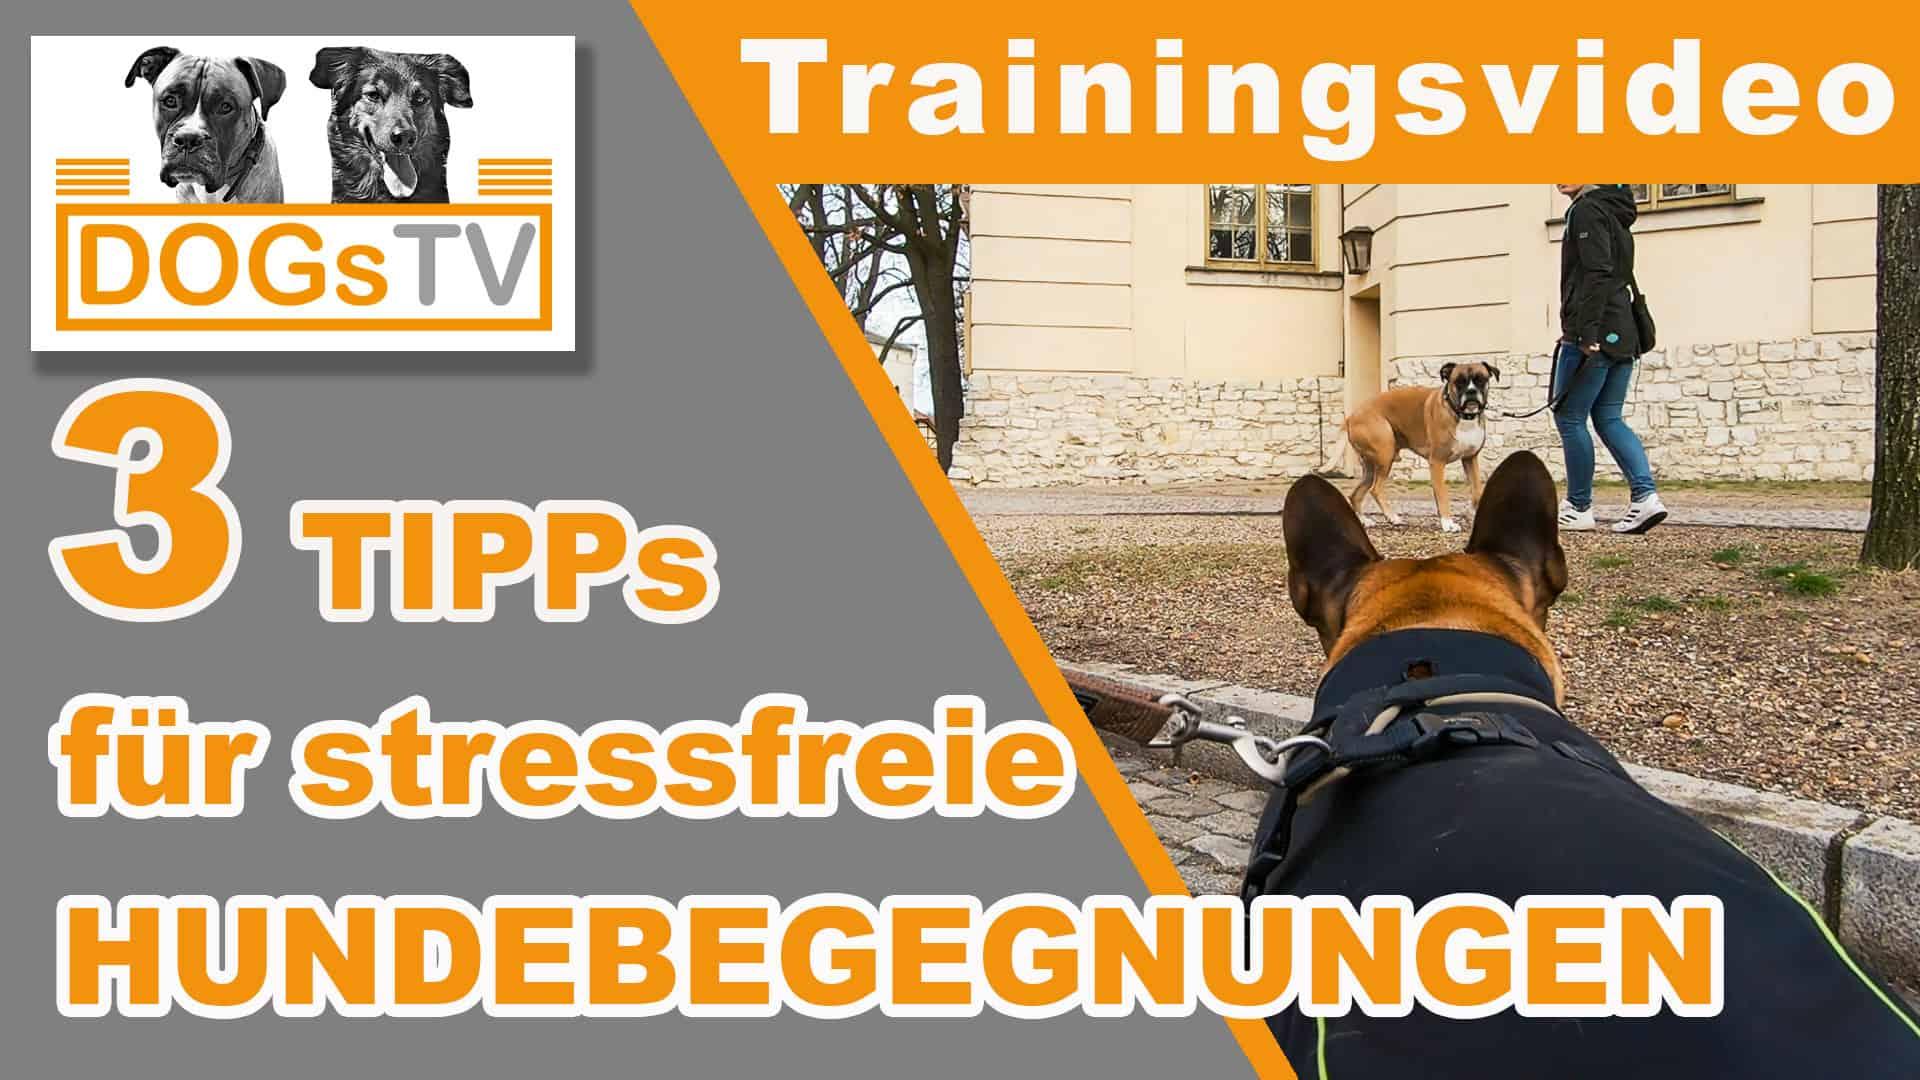 hundebegegnungen an der leine stressfrei an hunden vorbei dogstv